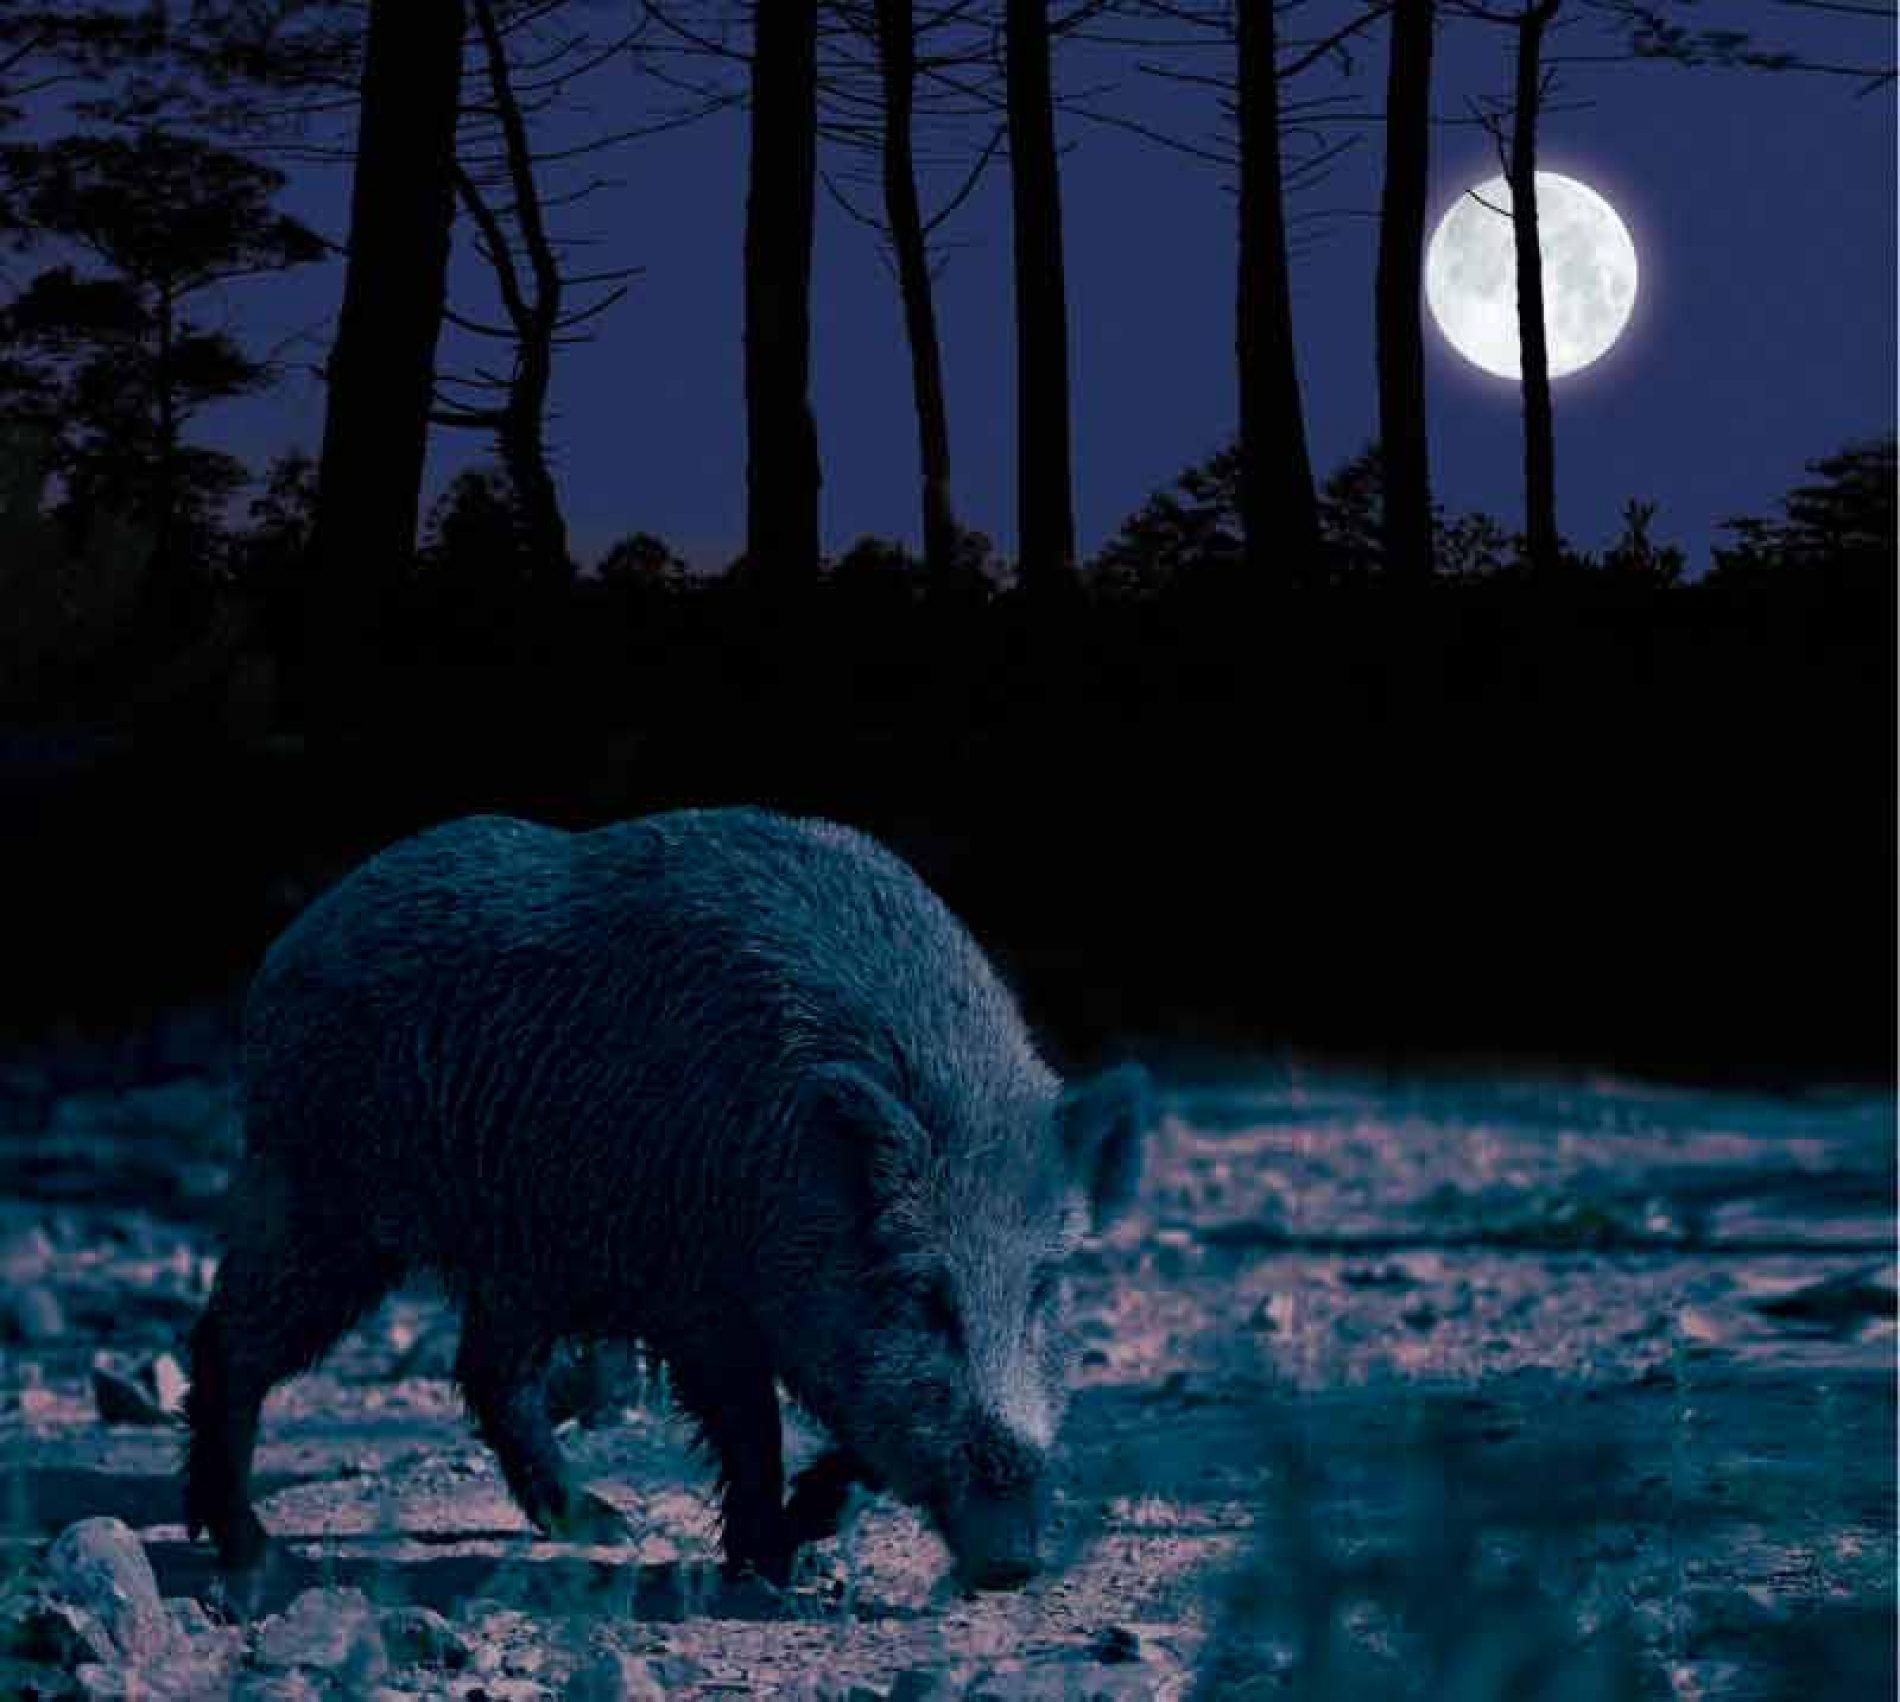 El rececho nocturno de jabalí vs. La espera